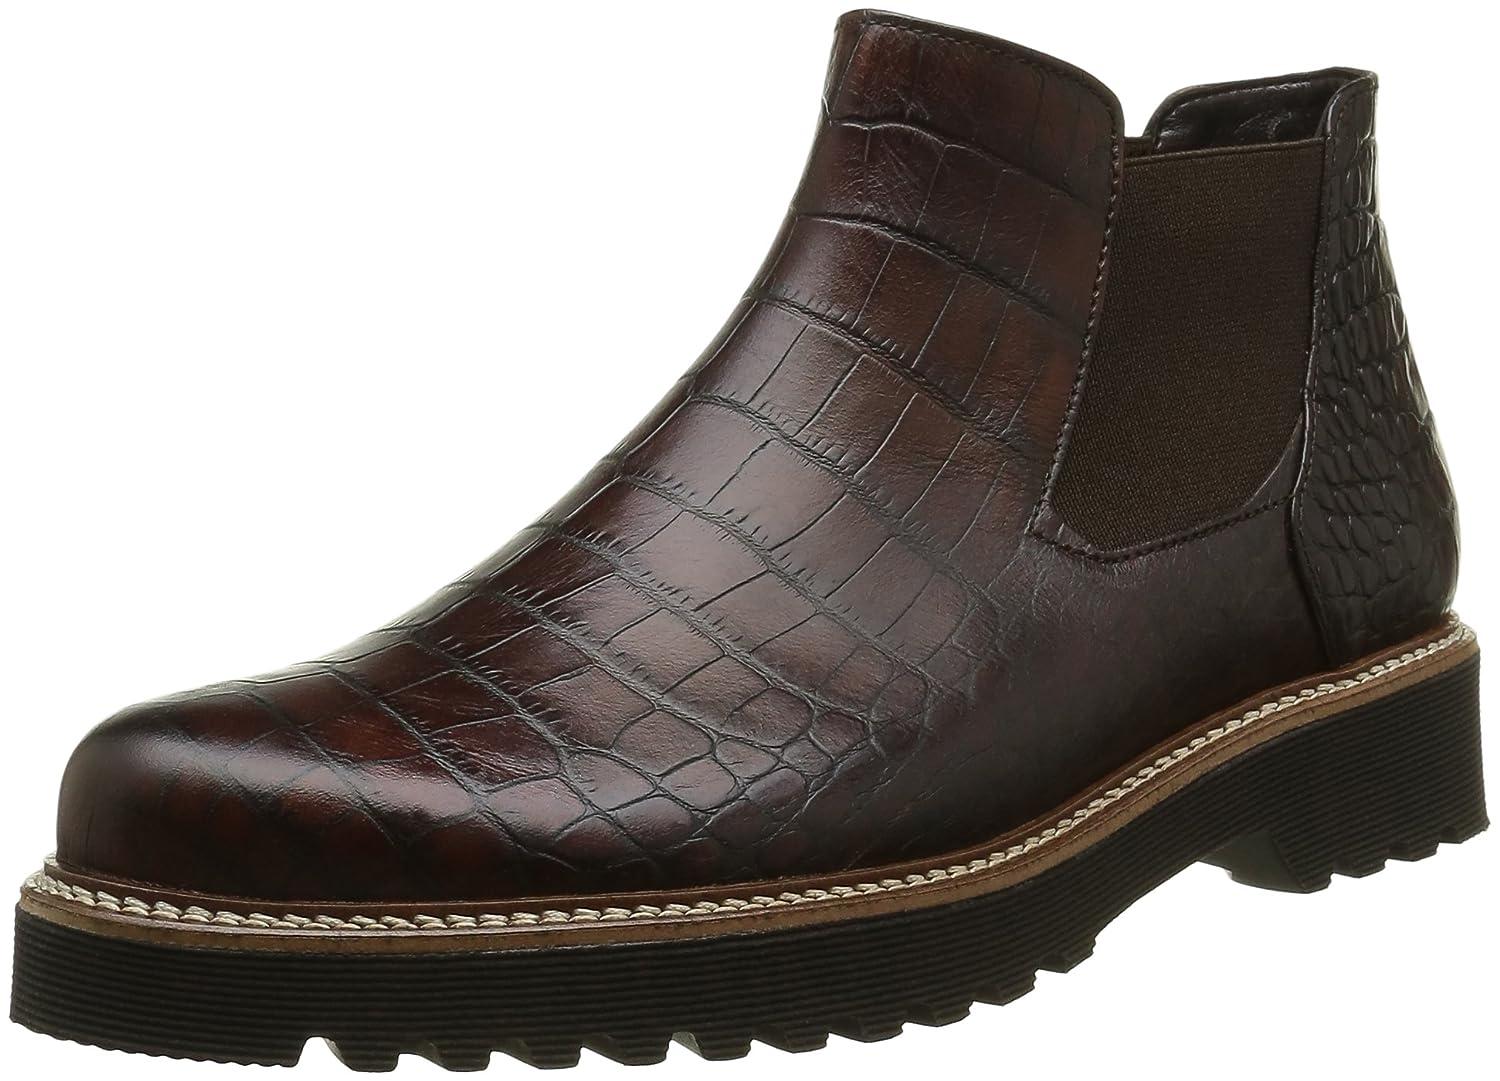 Gabor Damen Comfort Sport Chelsea Stiefel  | Erste Gruppe von Kunden